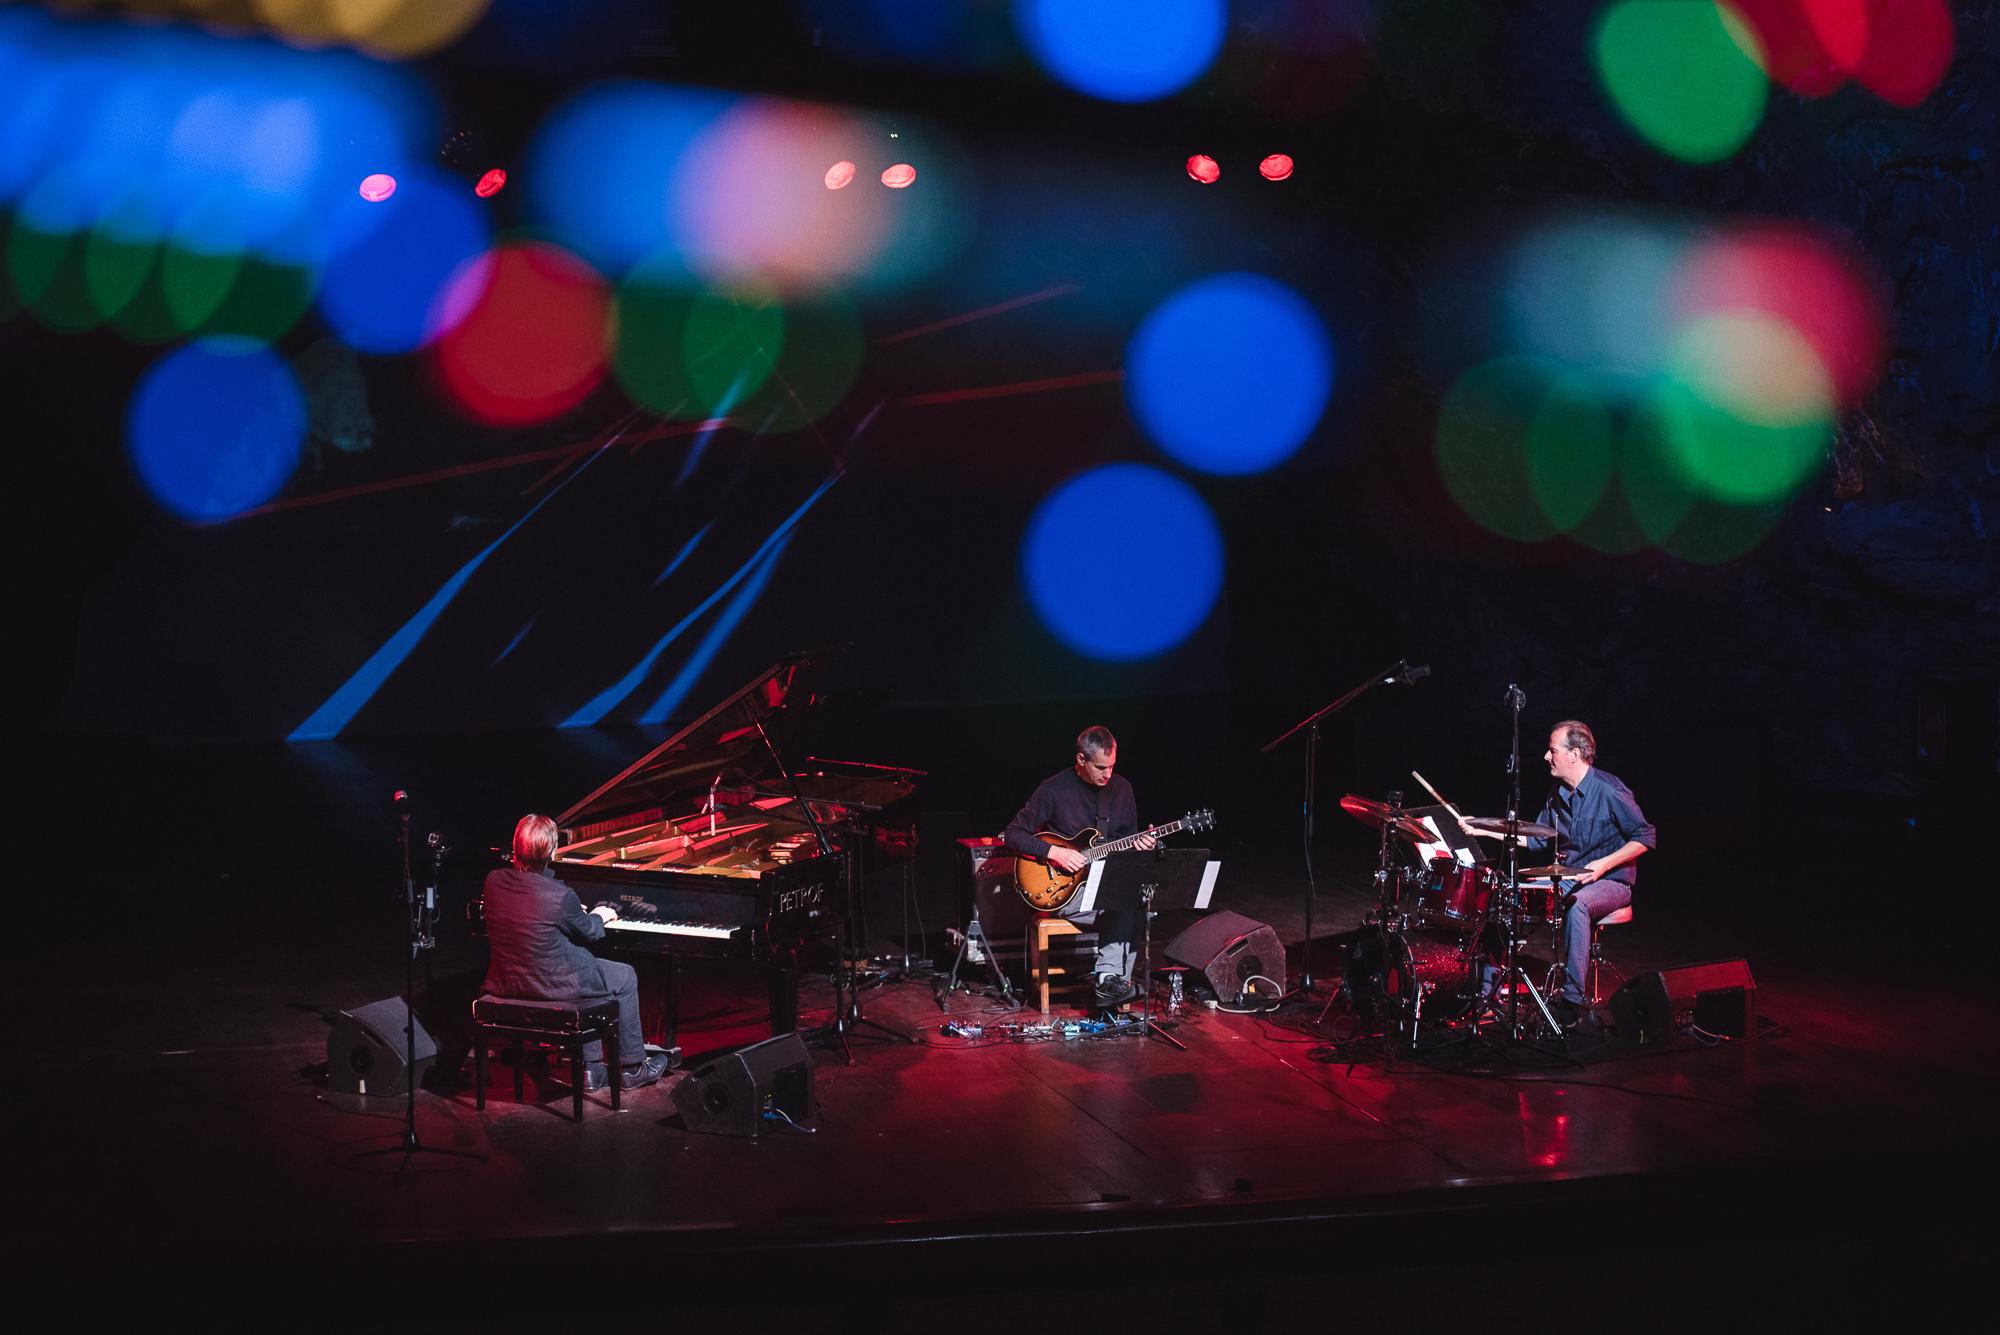 El Festival de Música Visual de Lanzarote ya tiene a punto su decimosexta edición